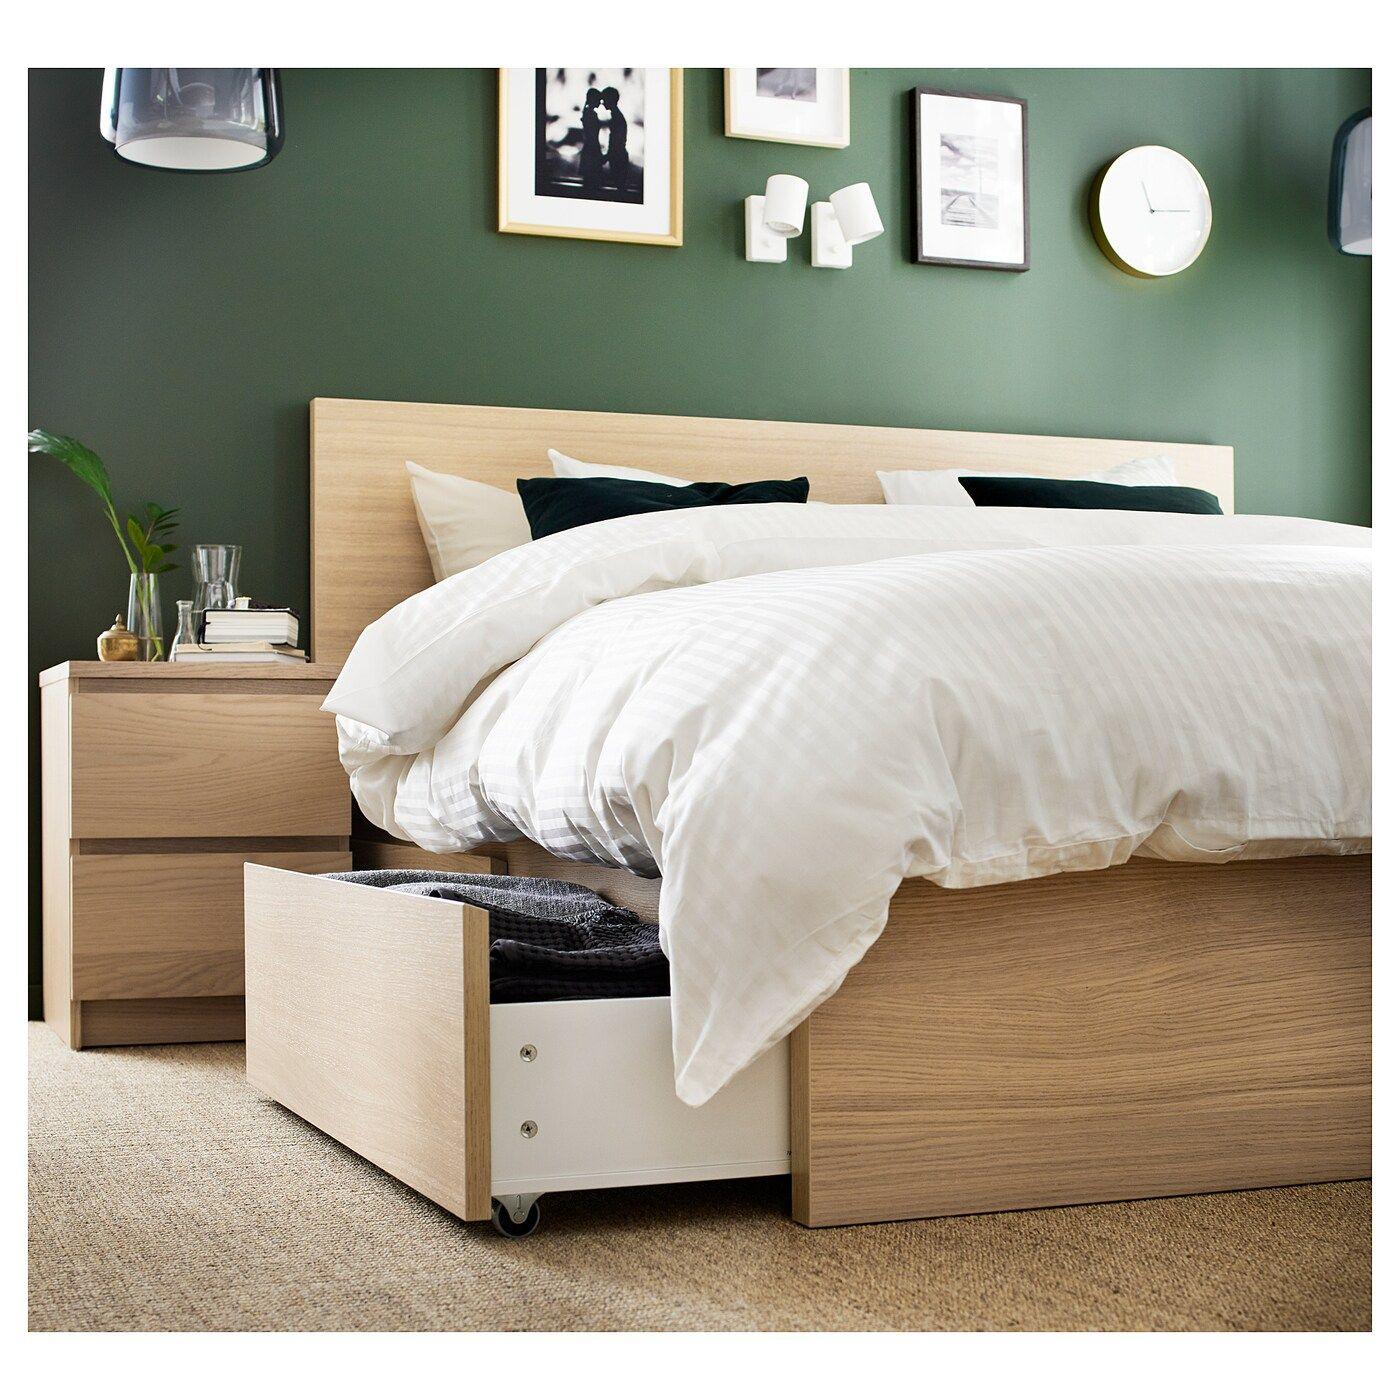 Malm Bettgestell Hoch Mit 2 Schubkasten Eichenfurnier Weiss Lasiert Lonset Ikea Osterreich In 2020 Verstellbare Betten Bett Mit Schubladen Bett Mit Aufbewahrung